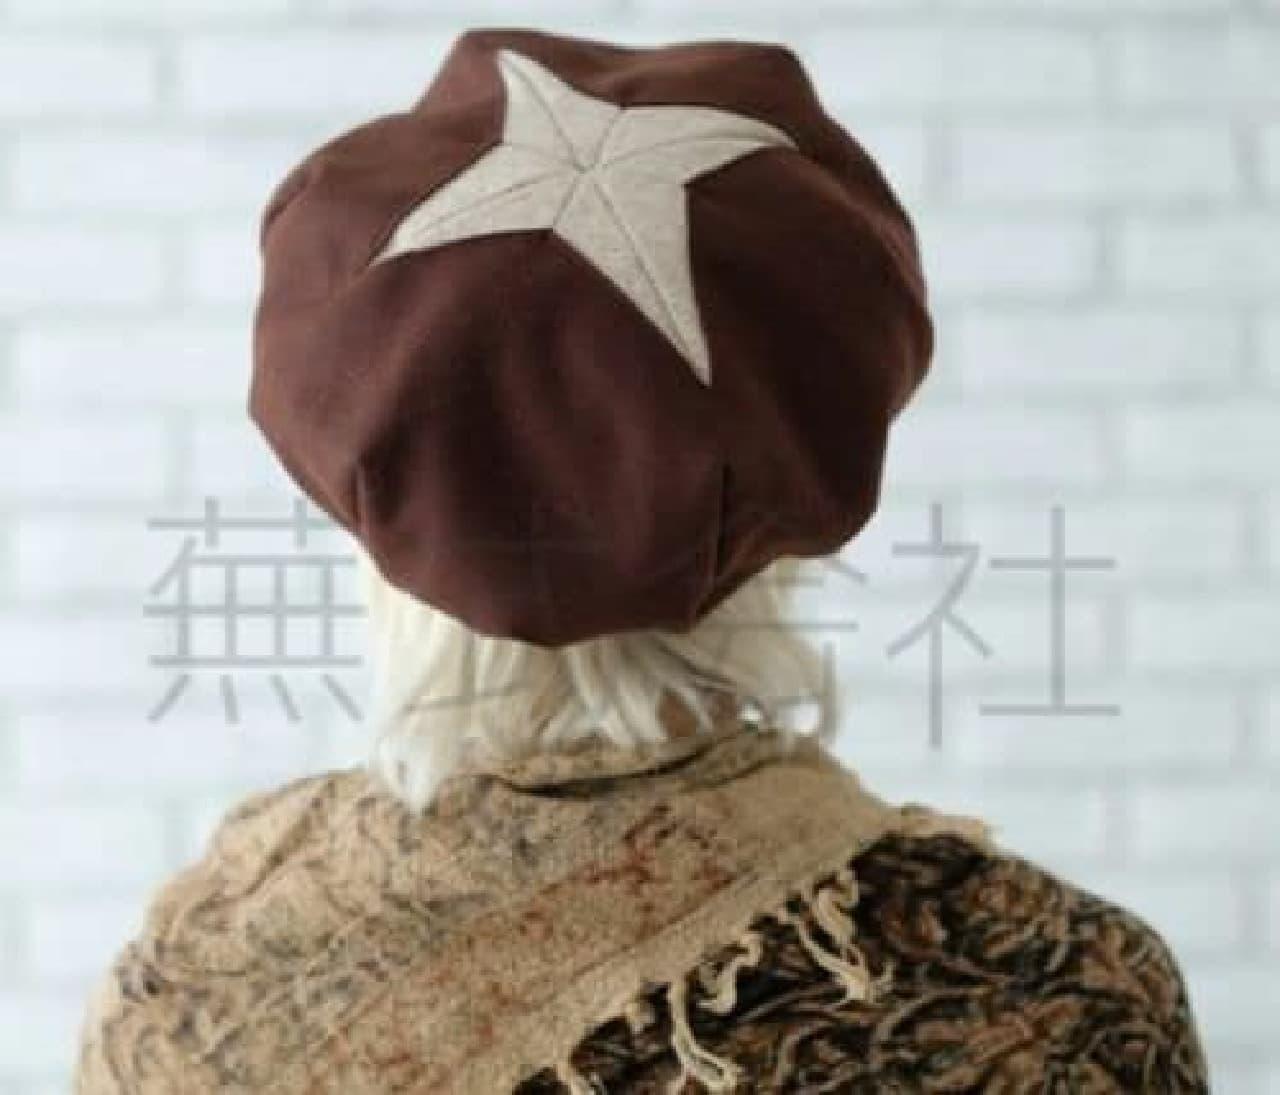 「野菜帽子 シイタケ」は、シイタケがモチーフとなった帽子